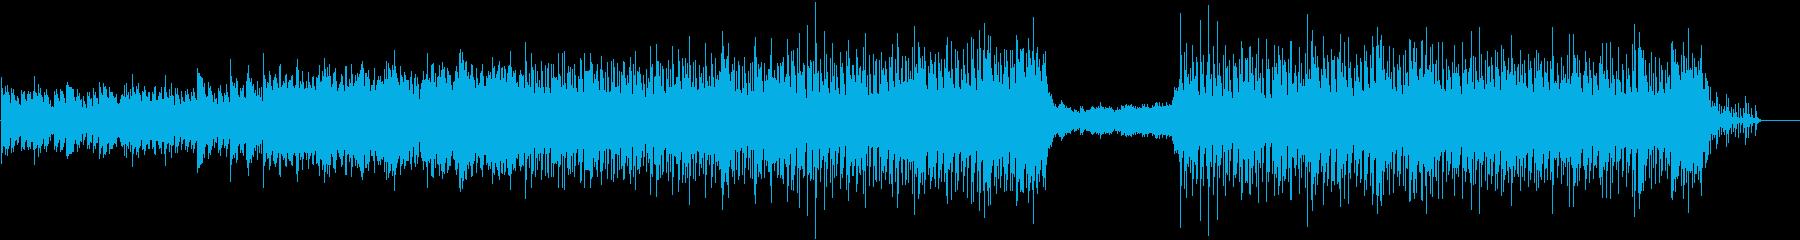 企業PV向け明るく爽やかな曲の再生済みの波形